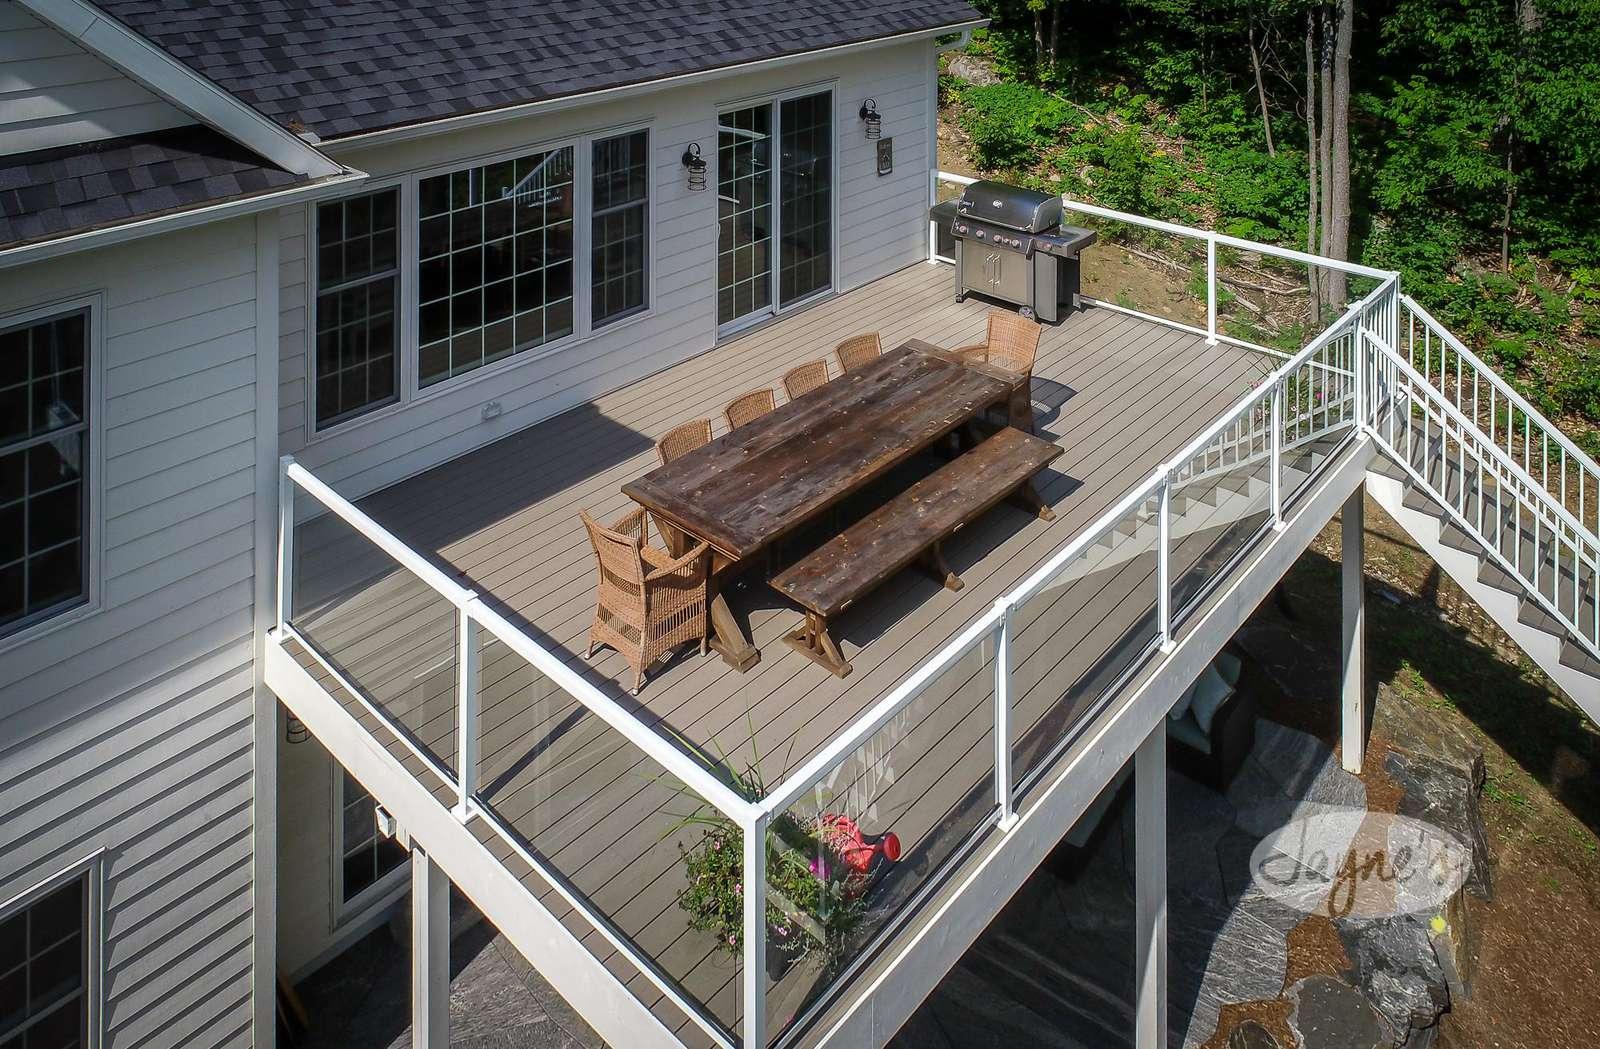 Upper Deck & Outdoor Dining